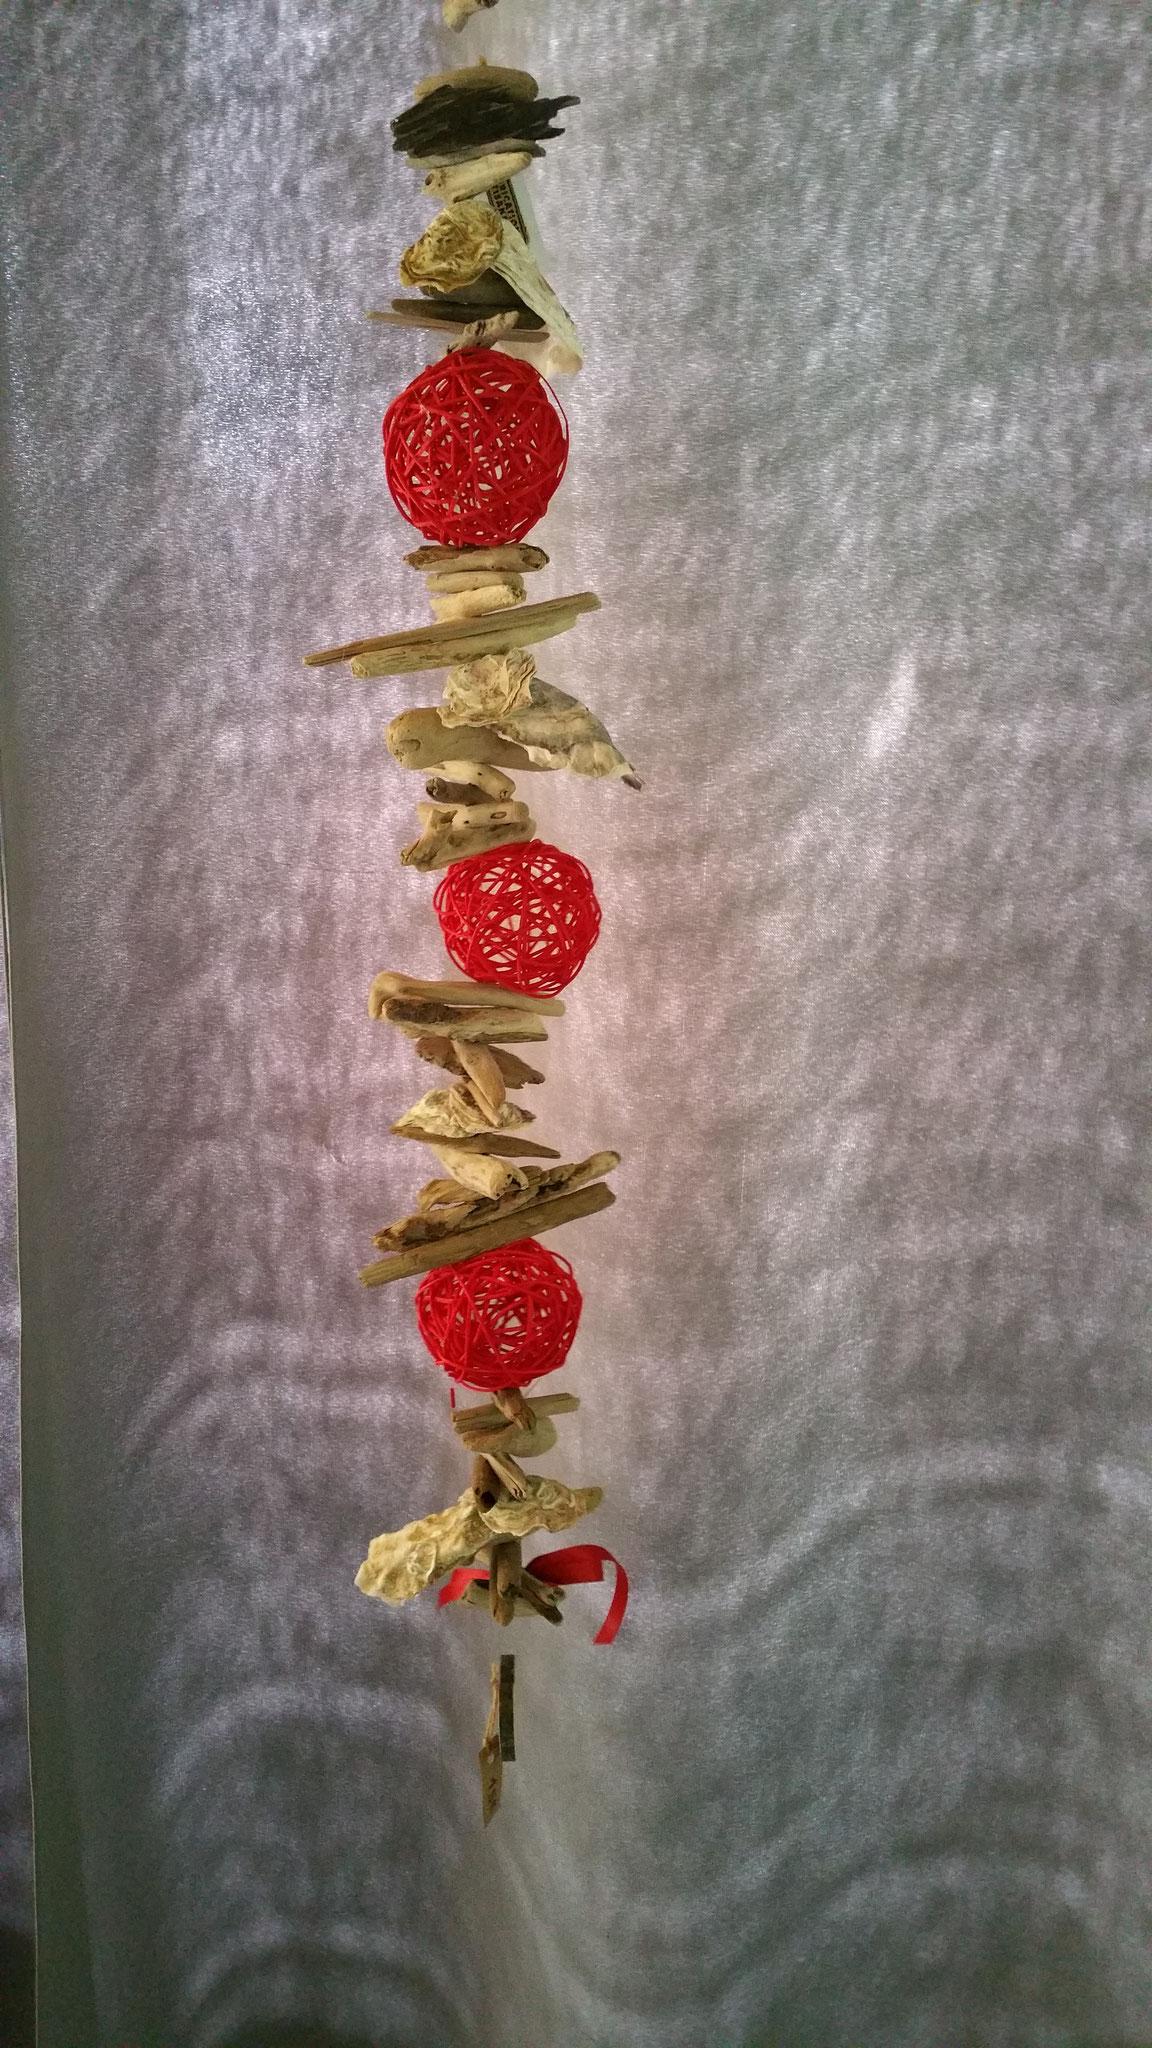 N° 4 Guirlande de bois flotté , coquillages et osier rouge